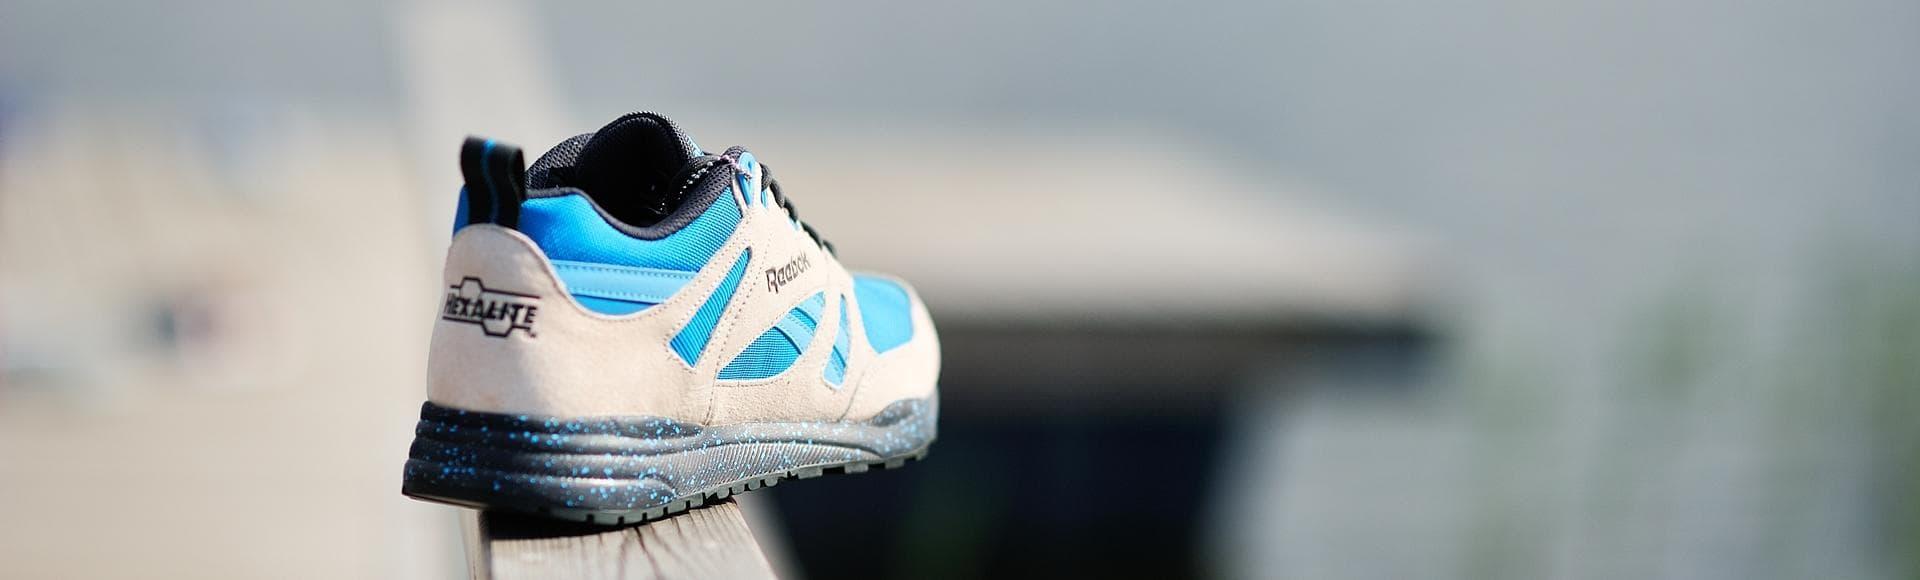 Reebok, Reebok footwear, Reebok shoes, Reebok Hexalite - Sportsman24